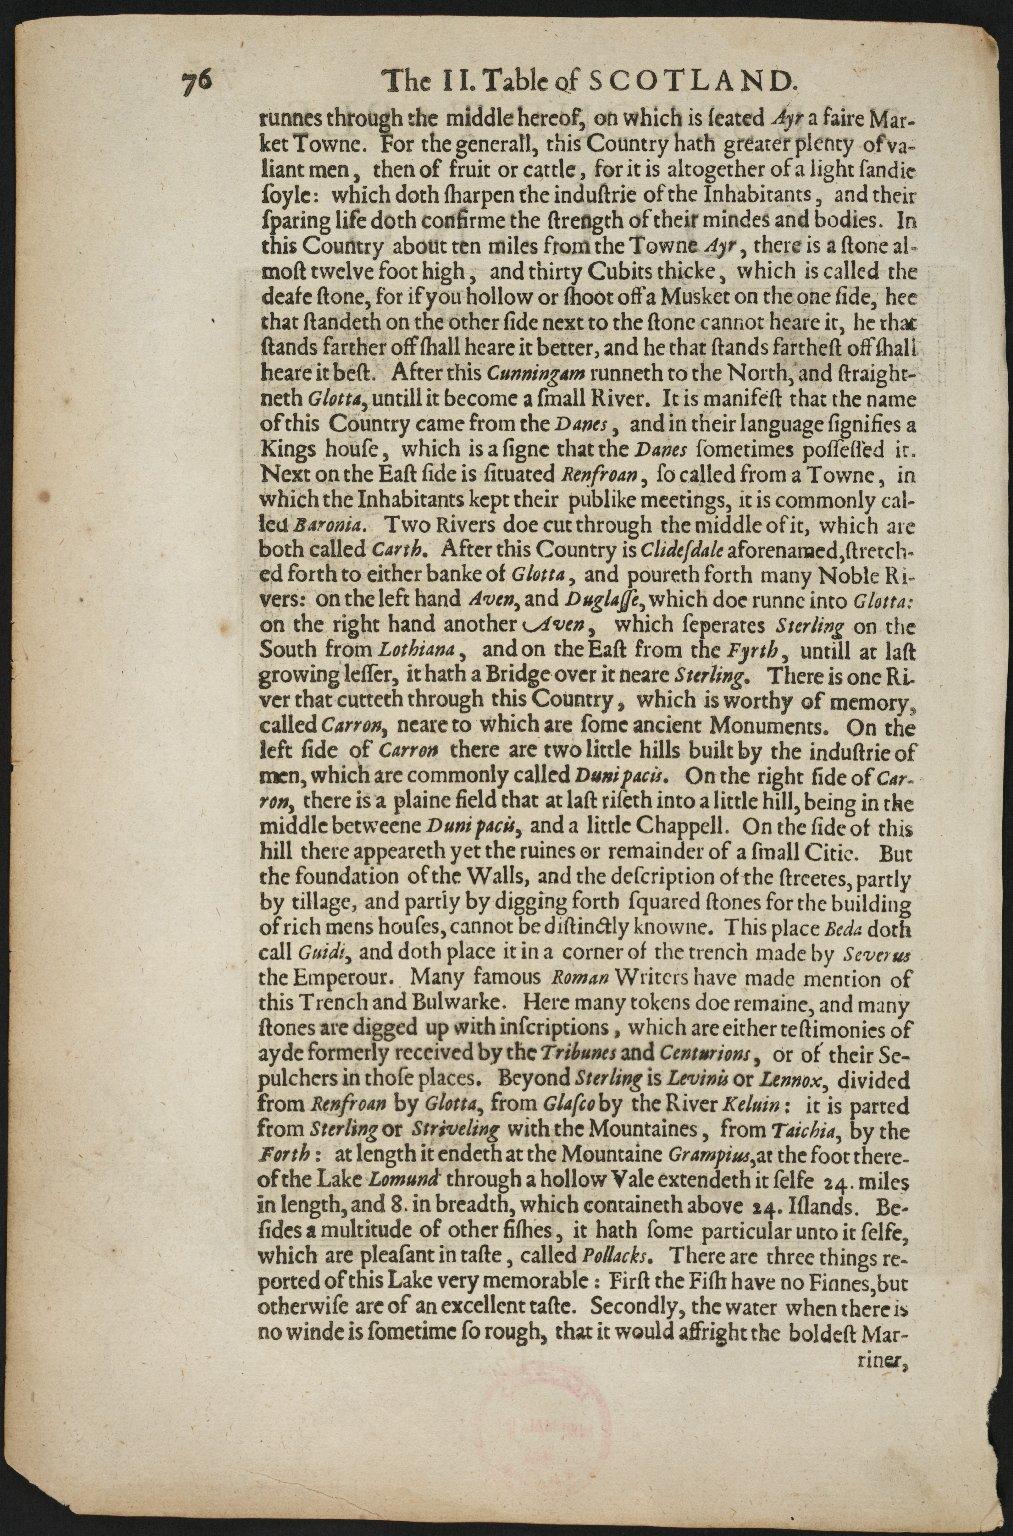 Scotiae tabula II [1 of 2]